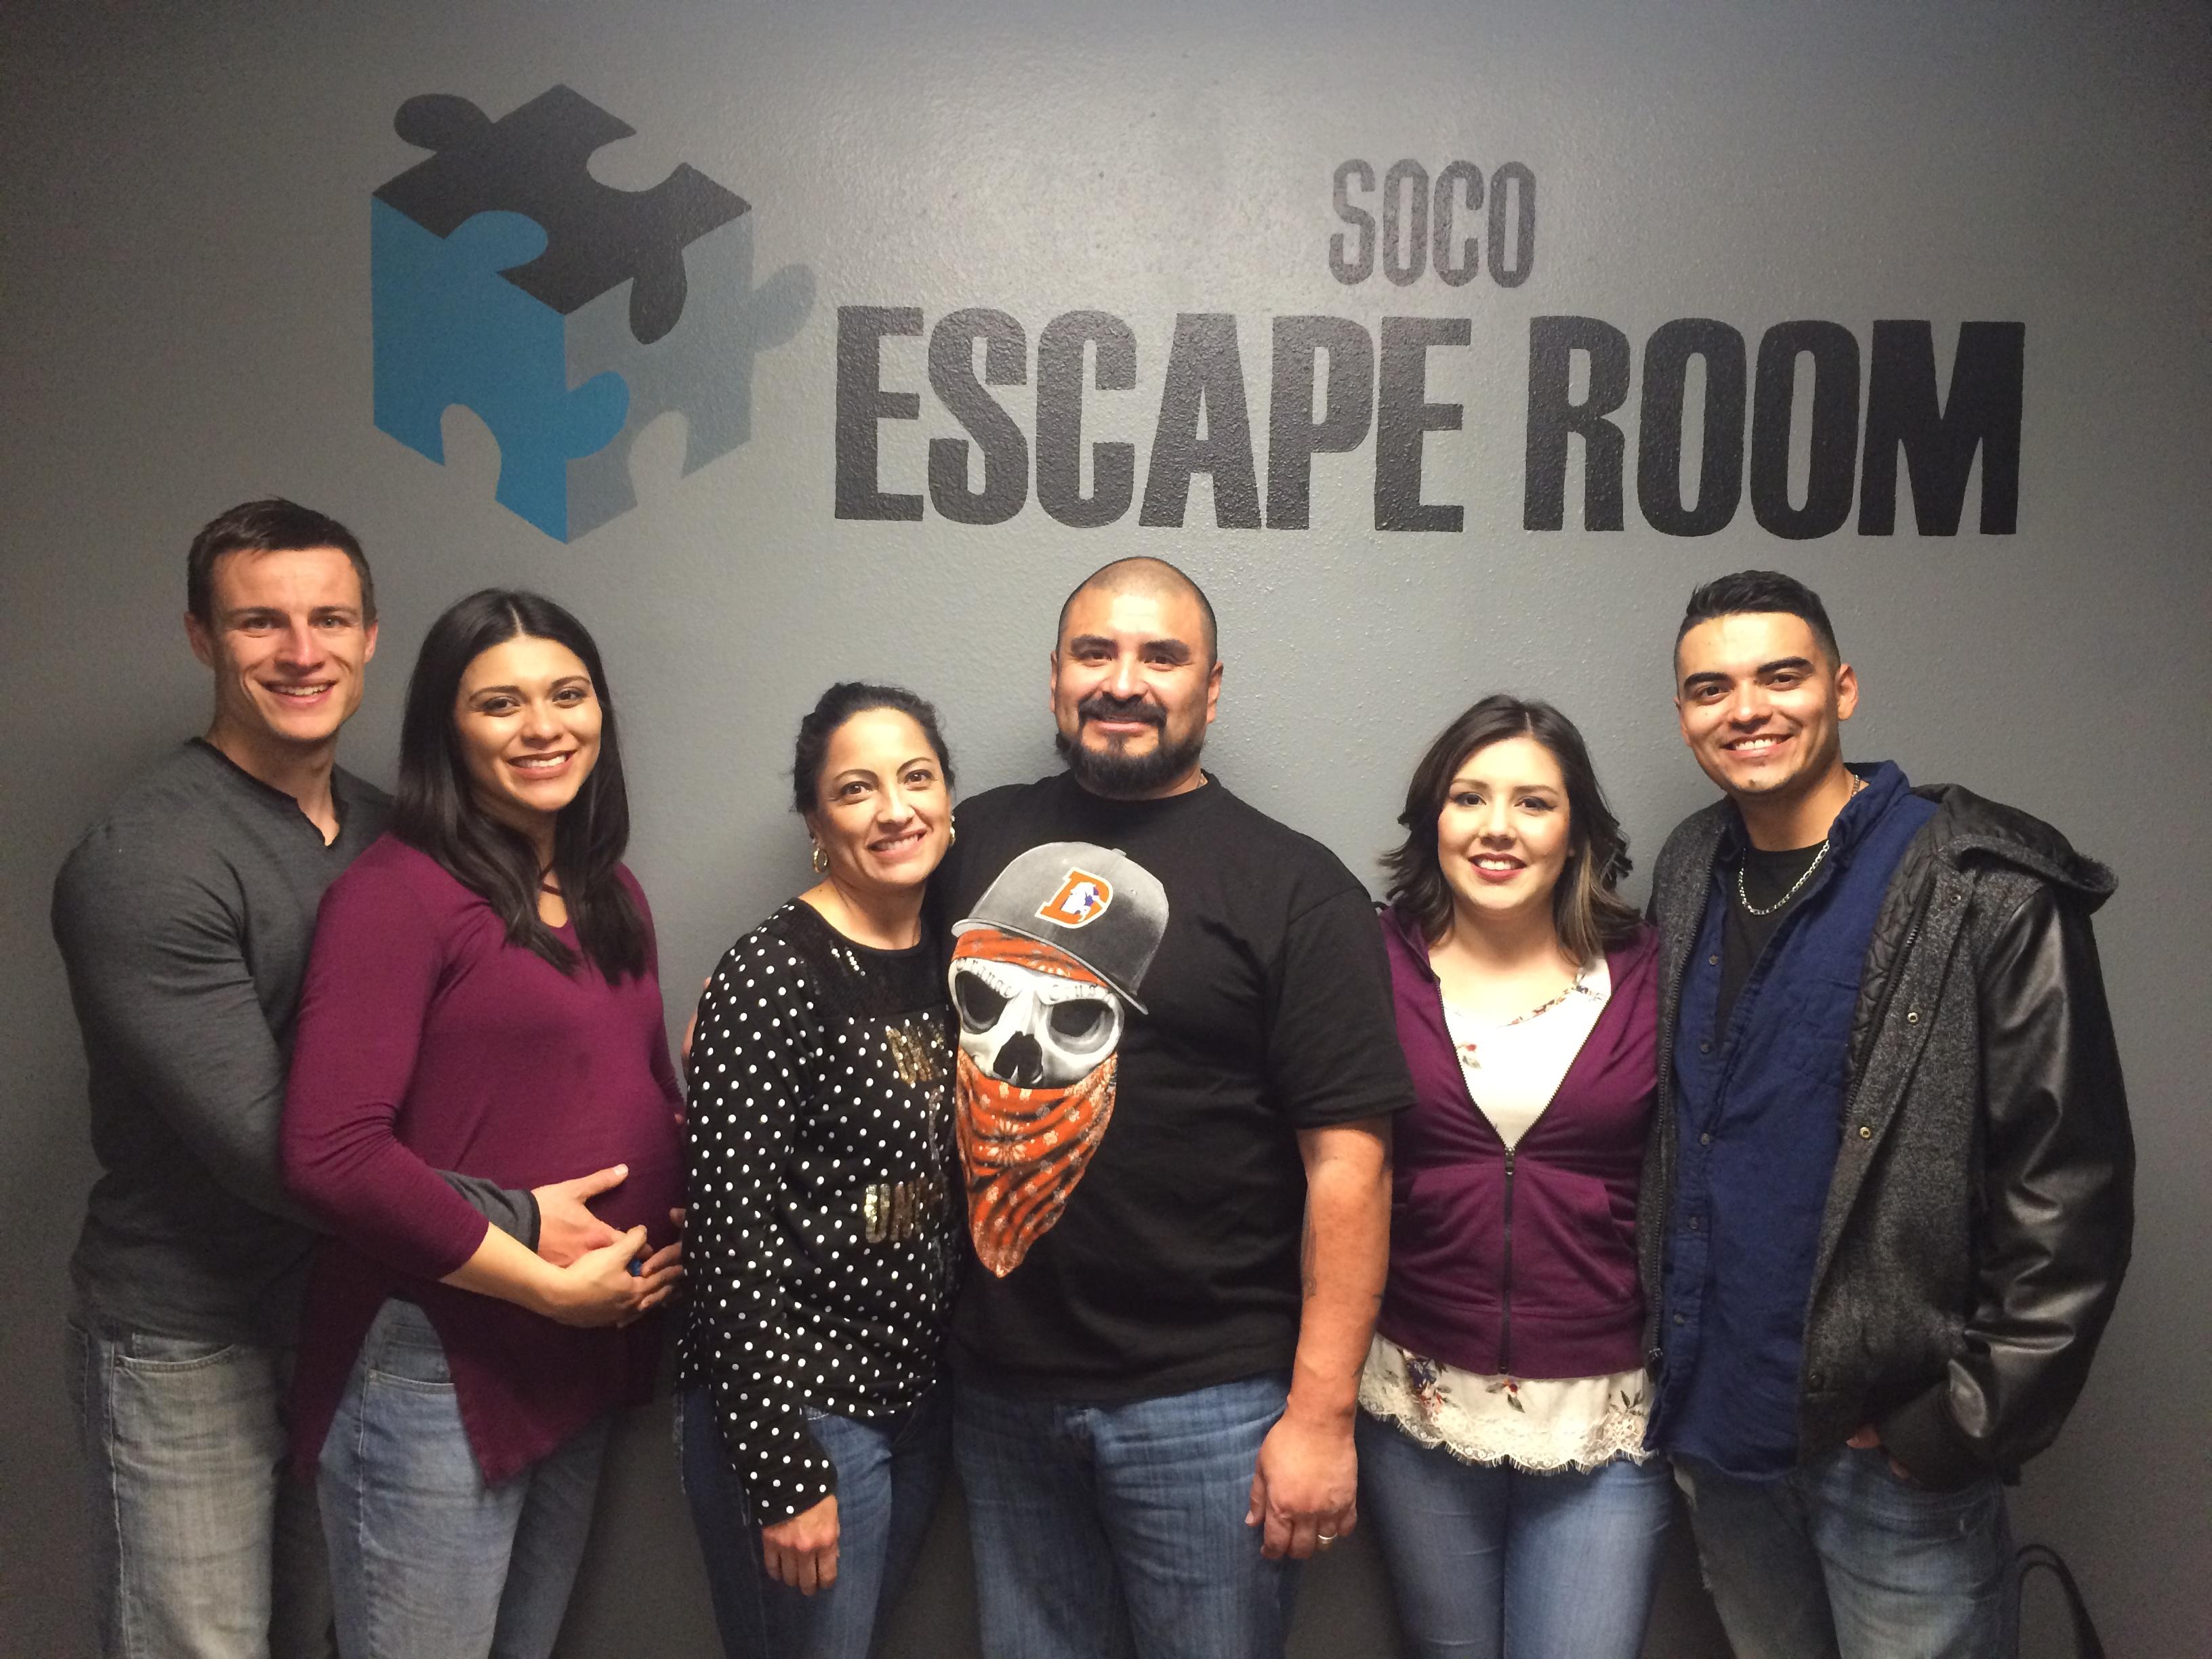 SoCo Escape Room image 13